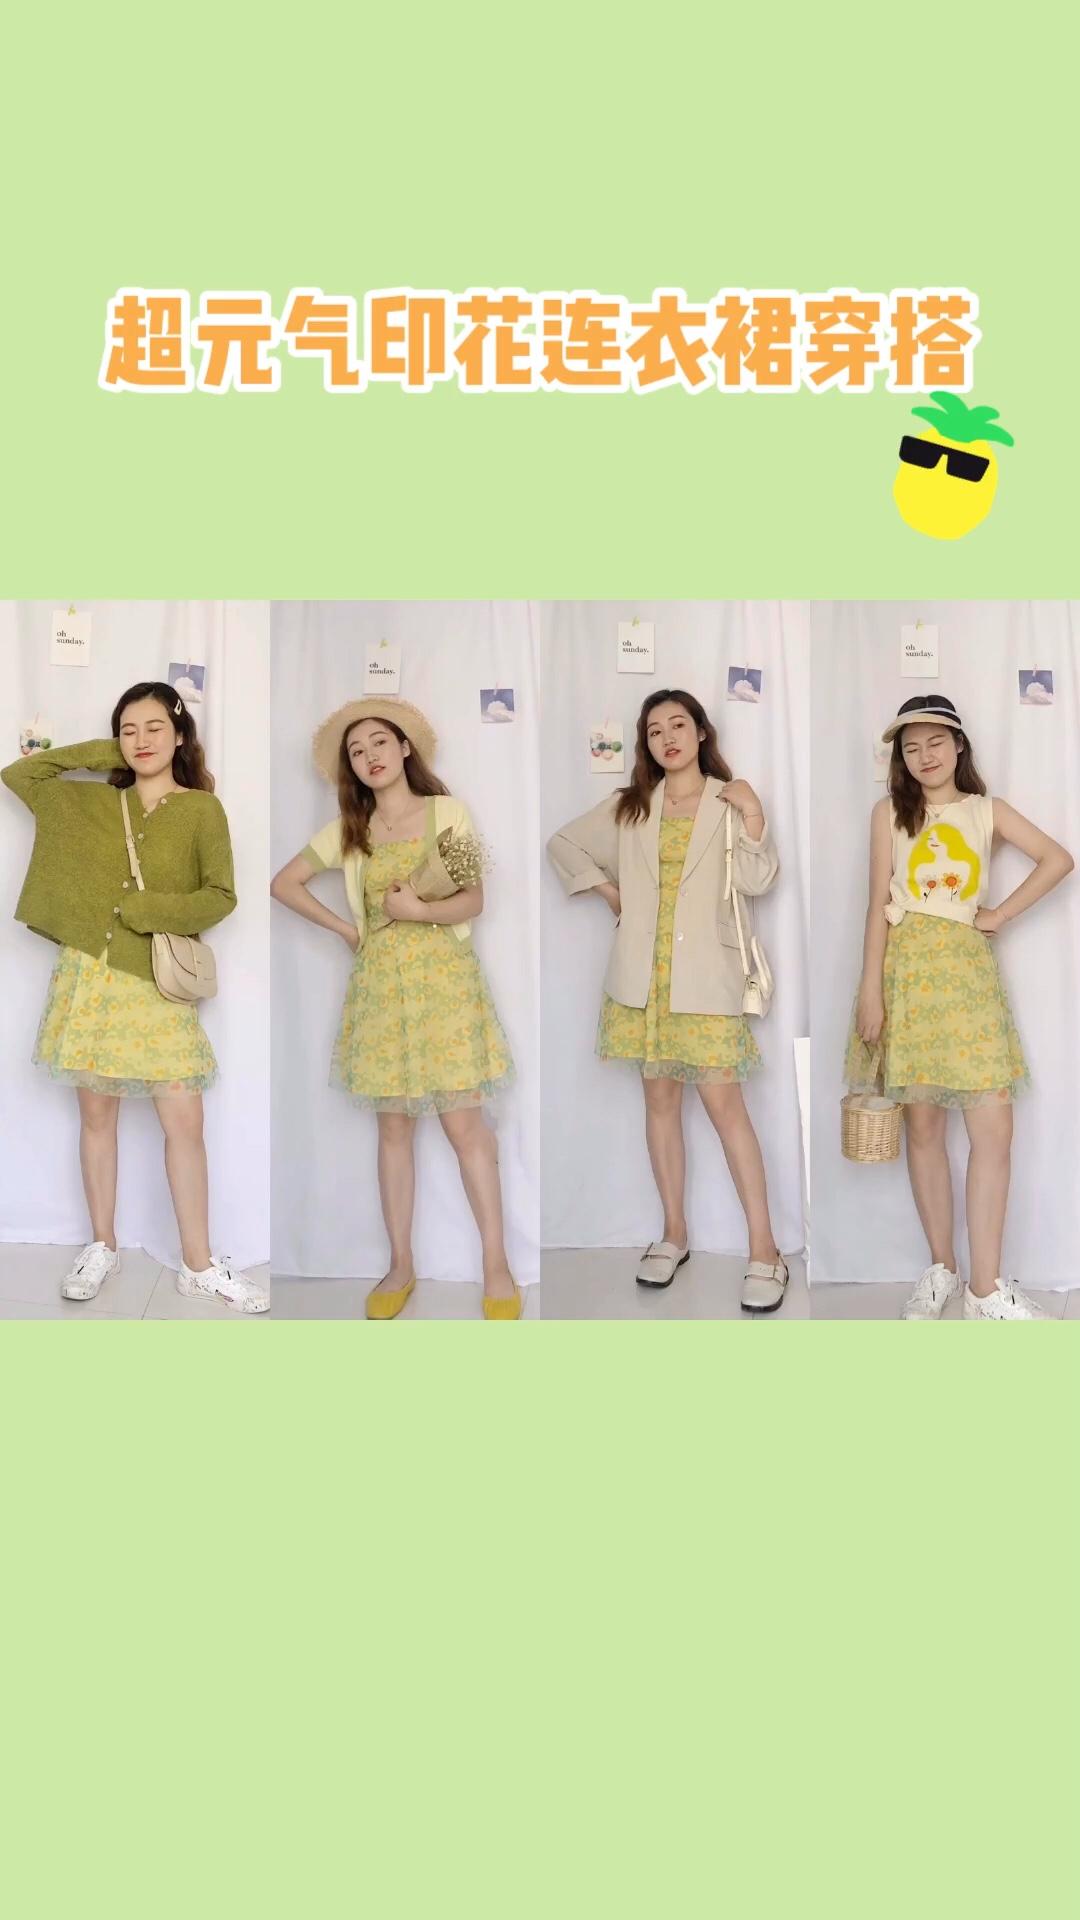 #六月30℃降暑穿搭,全部拿下!# 夏天一定要入一件花裙子 这条黄绿色印花桔梗裙很特别 第一眼就被它俘虏了有木有 上衣搭配开衫 西装或者衬衫都超好看 小个子女生很适合穿中长款连衣裙 不会压个子 而且更显瘦哦~